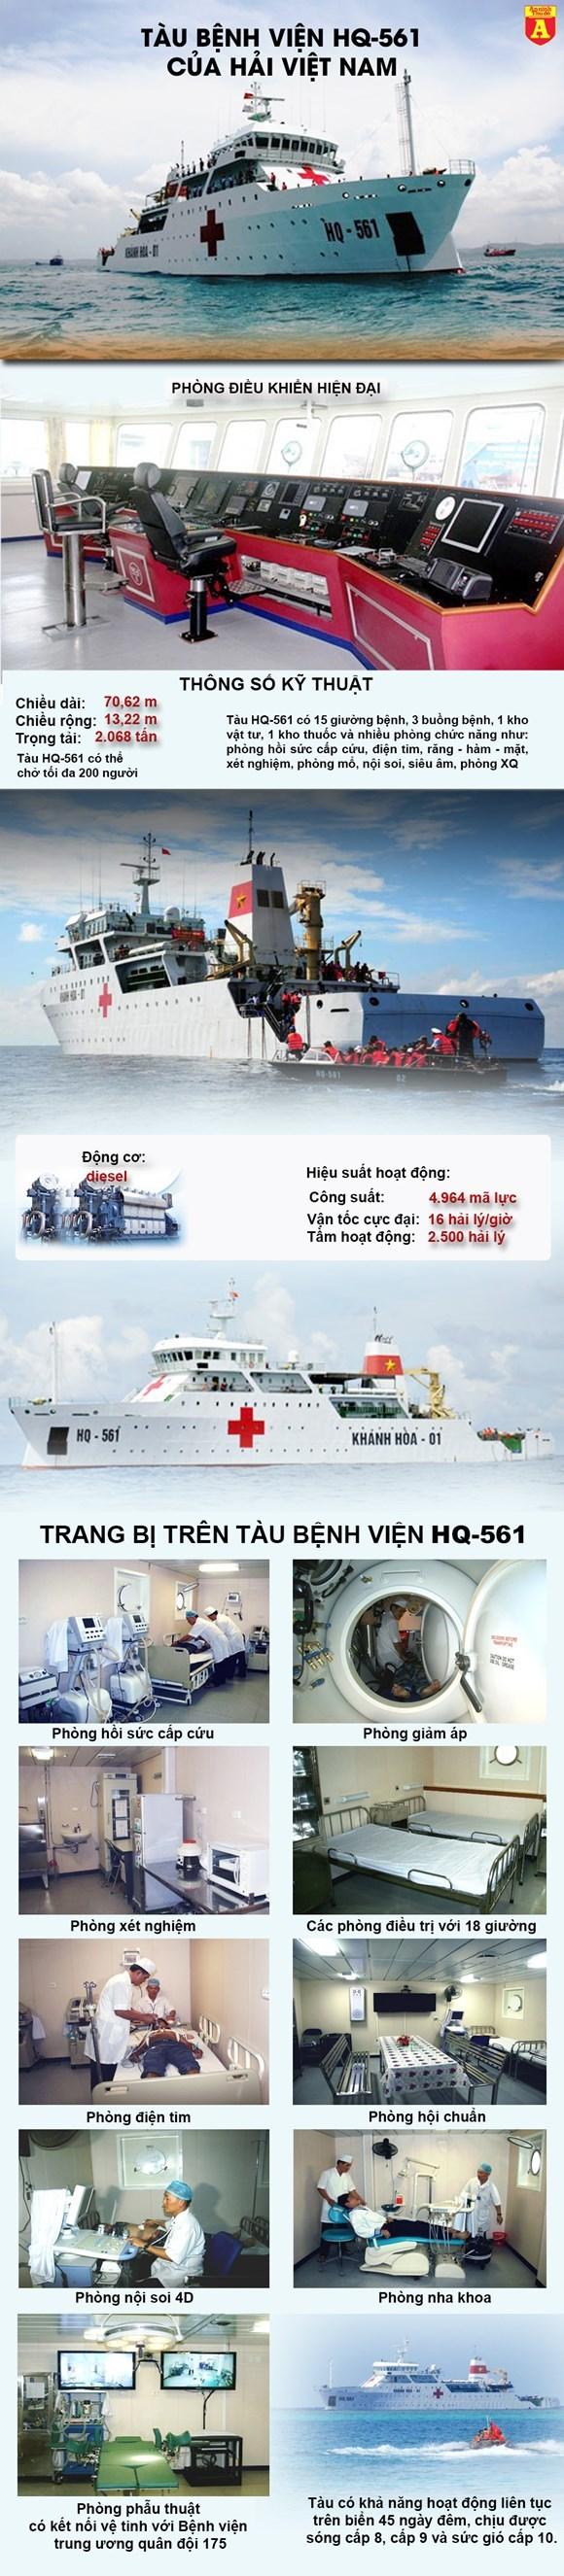 tàu bệnh viện, tàu Khánh Hòa 01, HQ561, hải quân Việt Nam